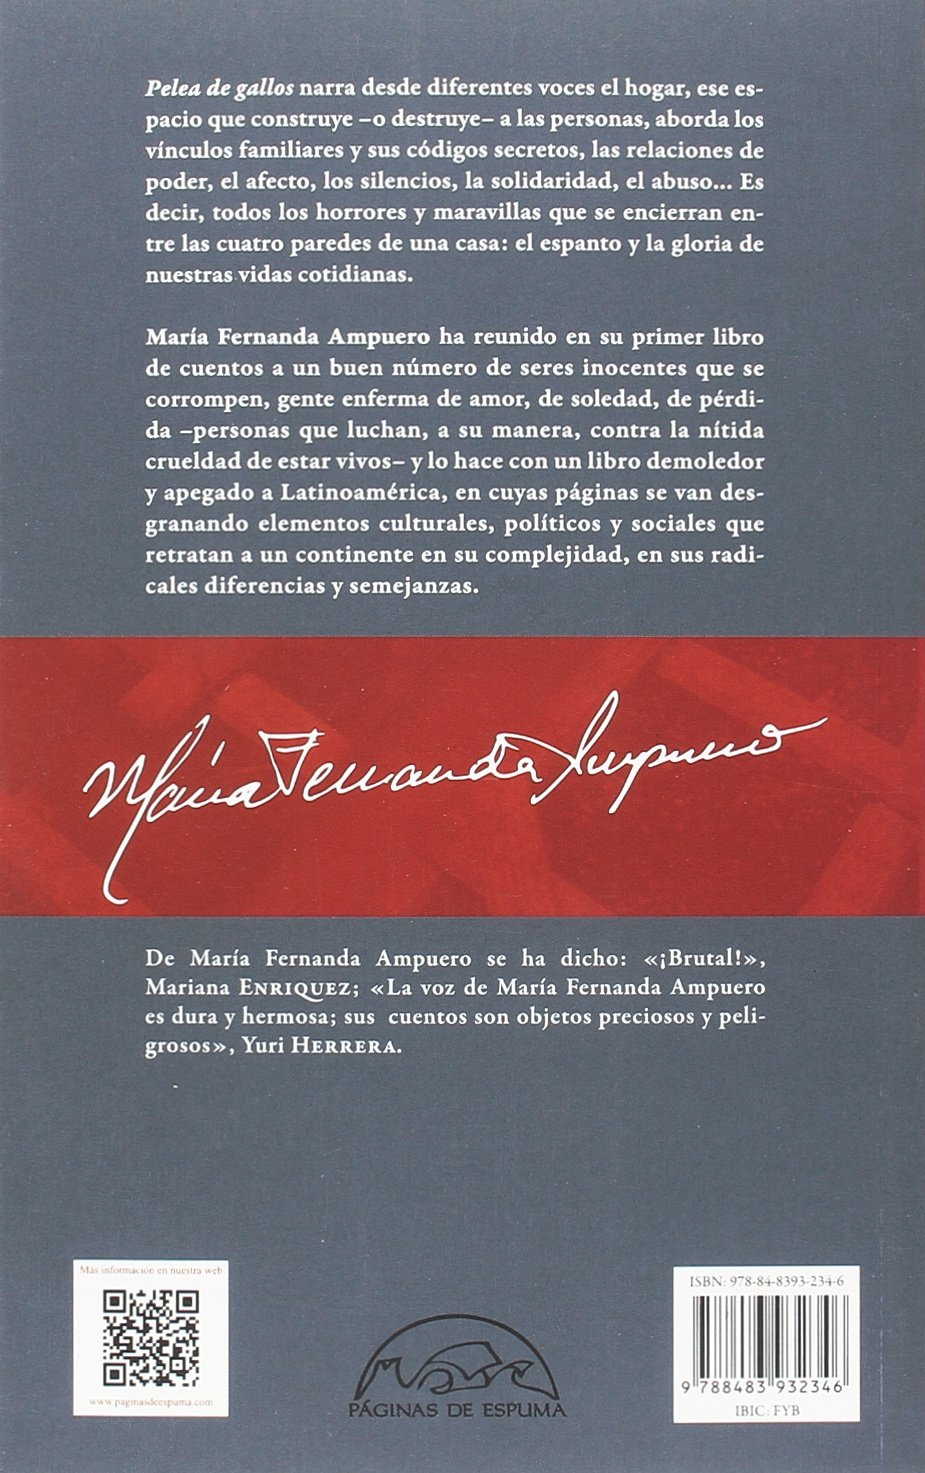 Pelea de gallos: María Fernanda Ampuero: 9788483932346: Amazon.com: Books